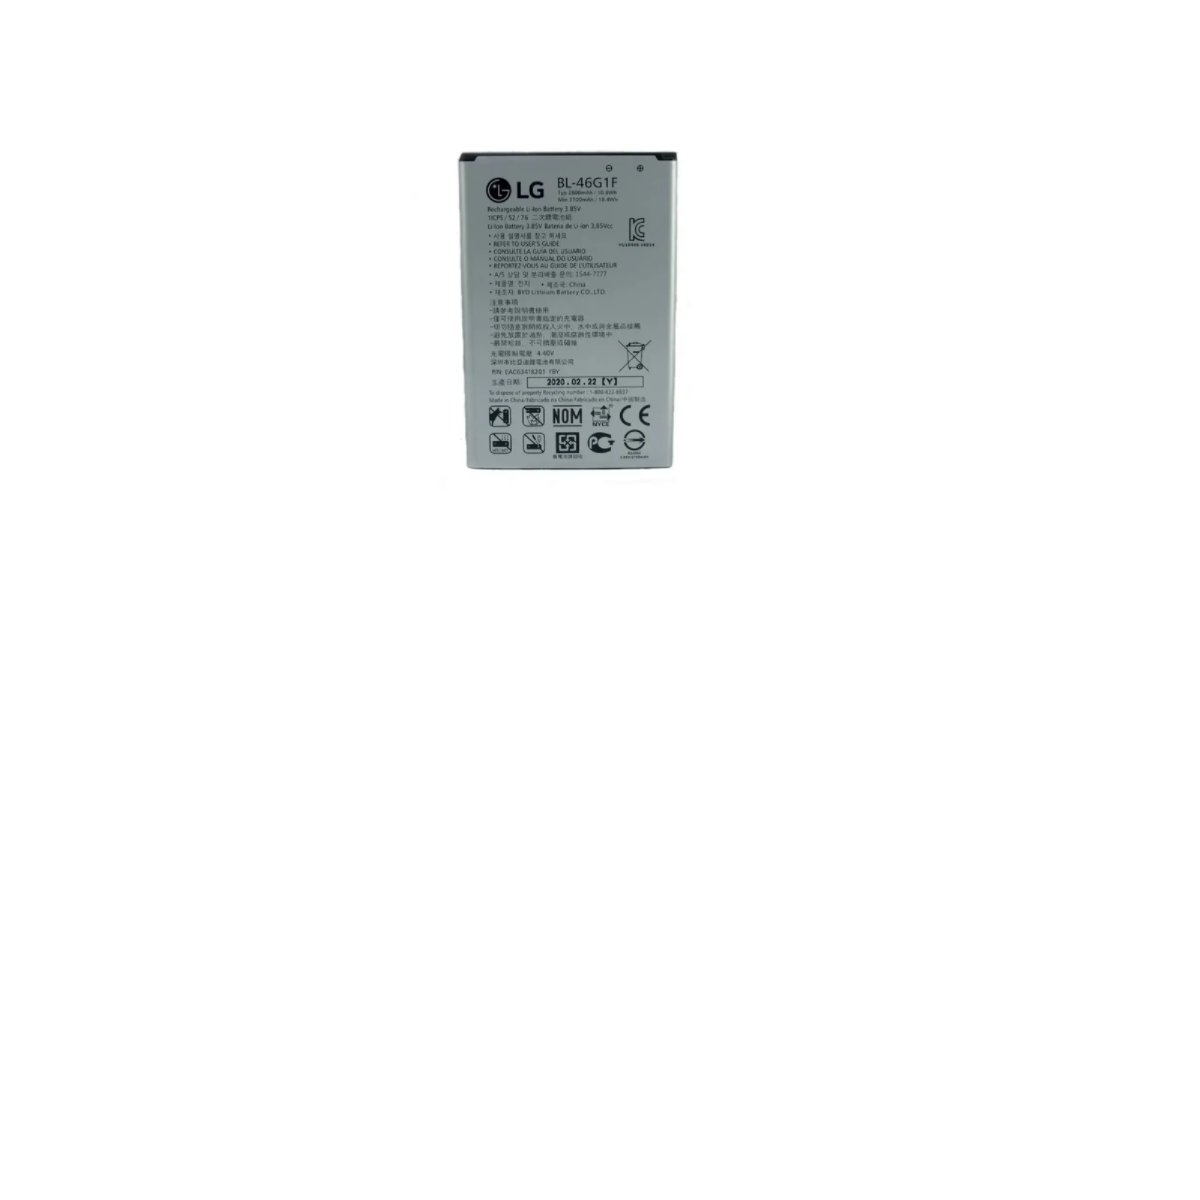 BATERIA LG K10 2017 M250 BL-46G1F RETIRADA